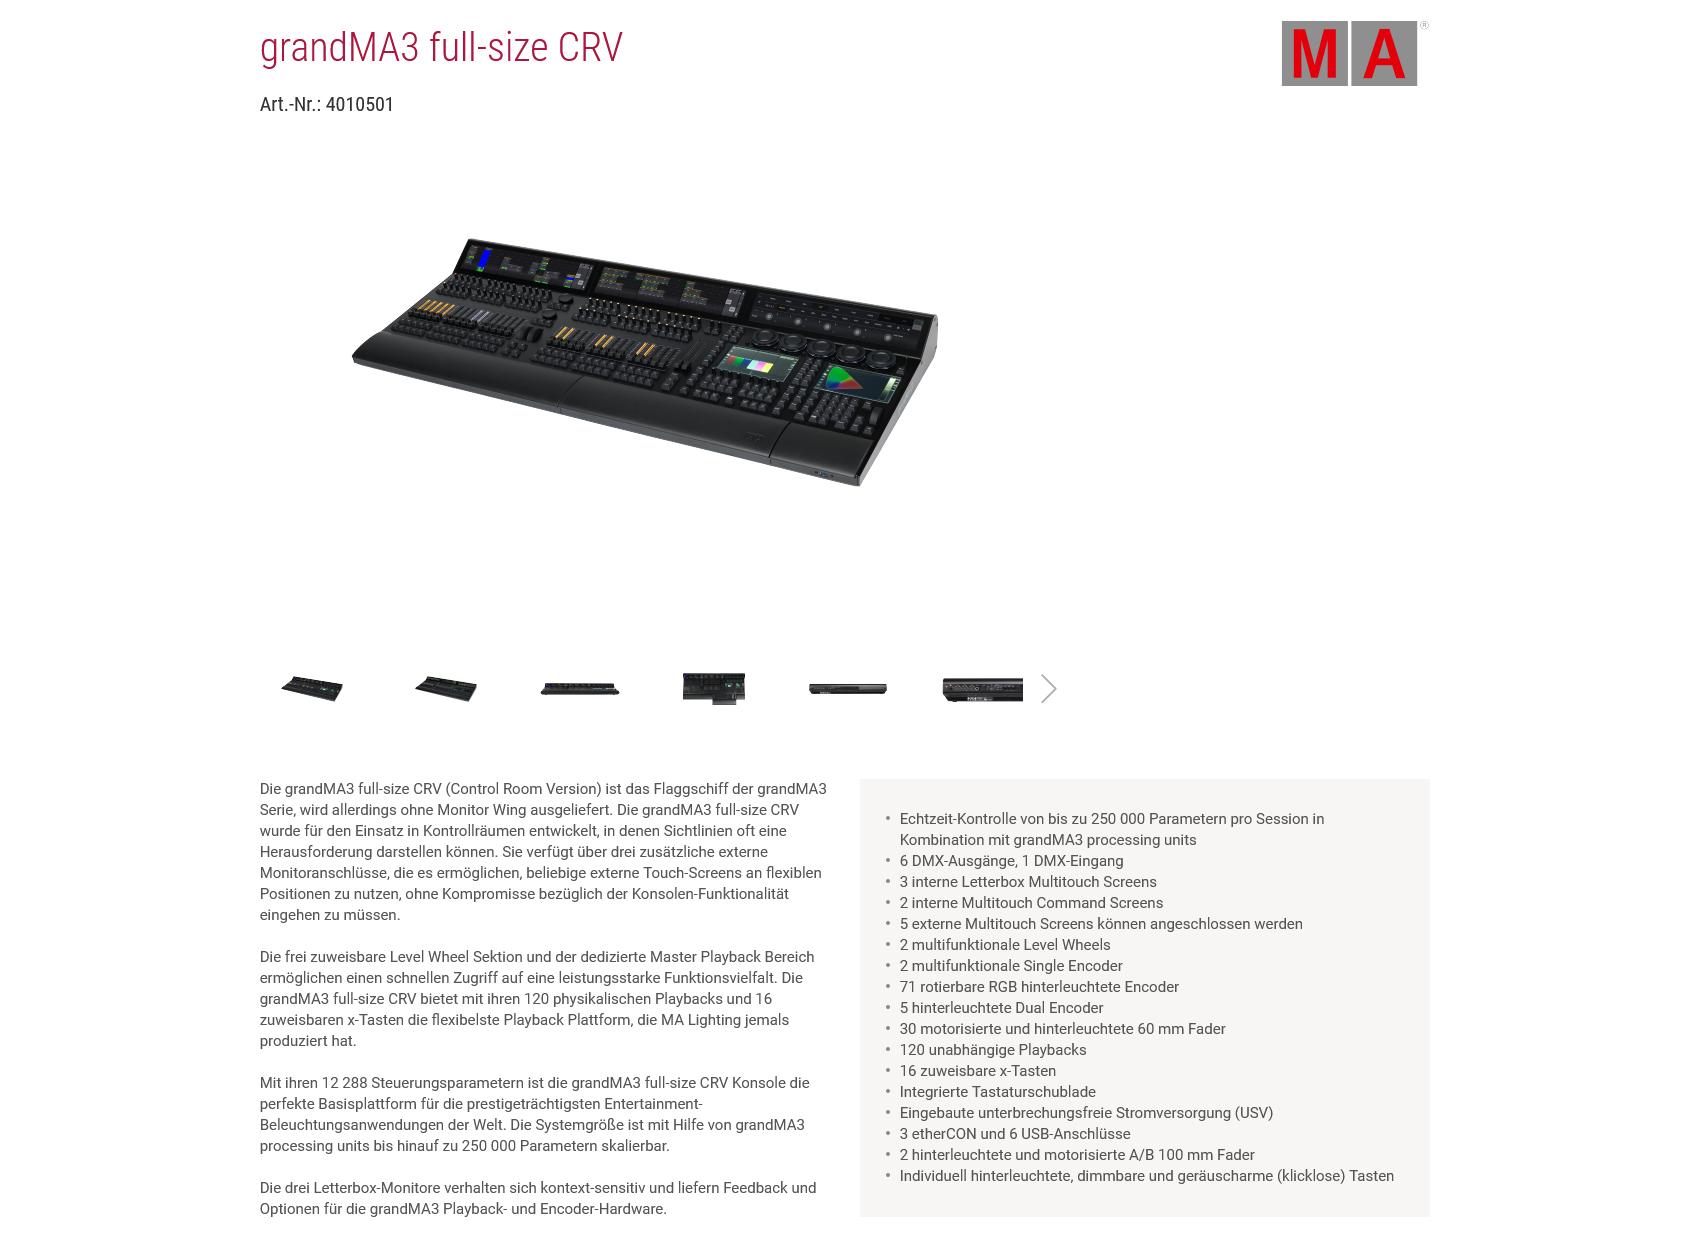 Detailübersicht Beispiel grandMA3 full-size CRV